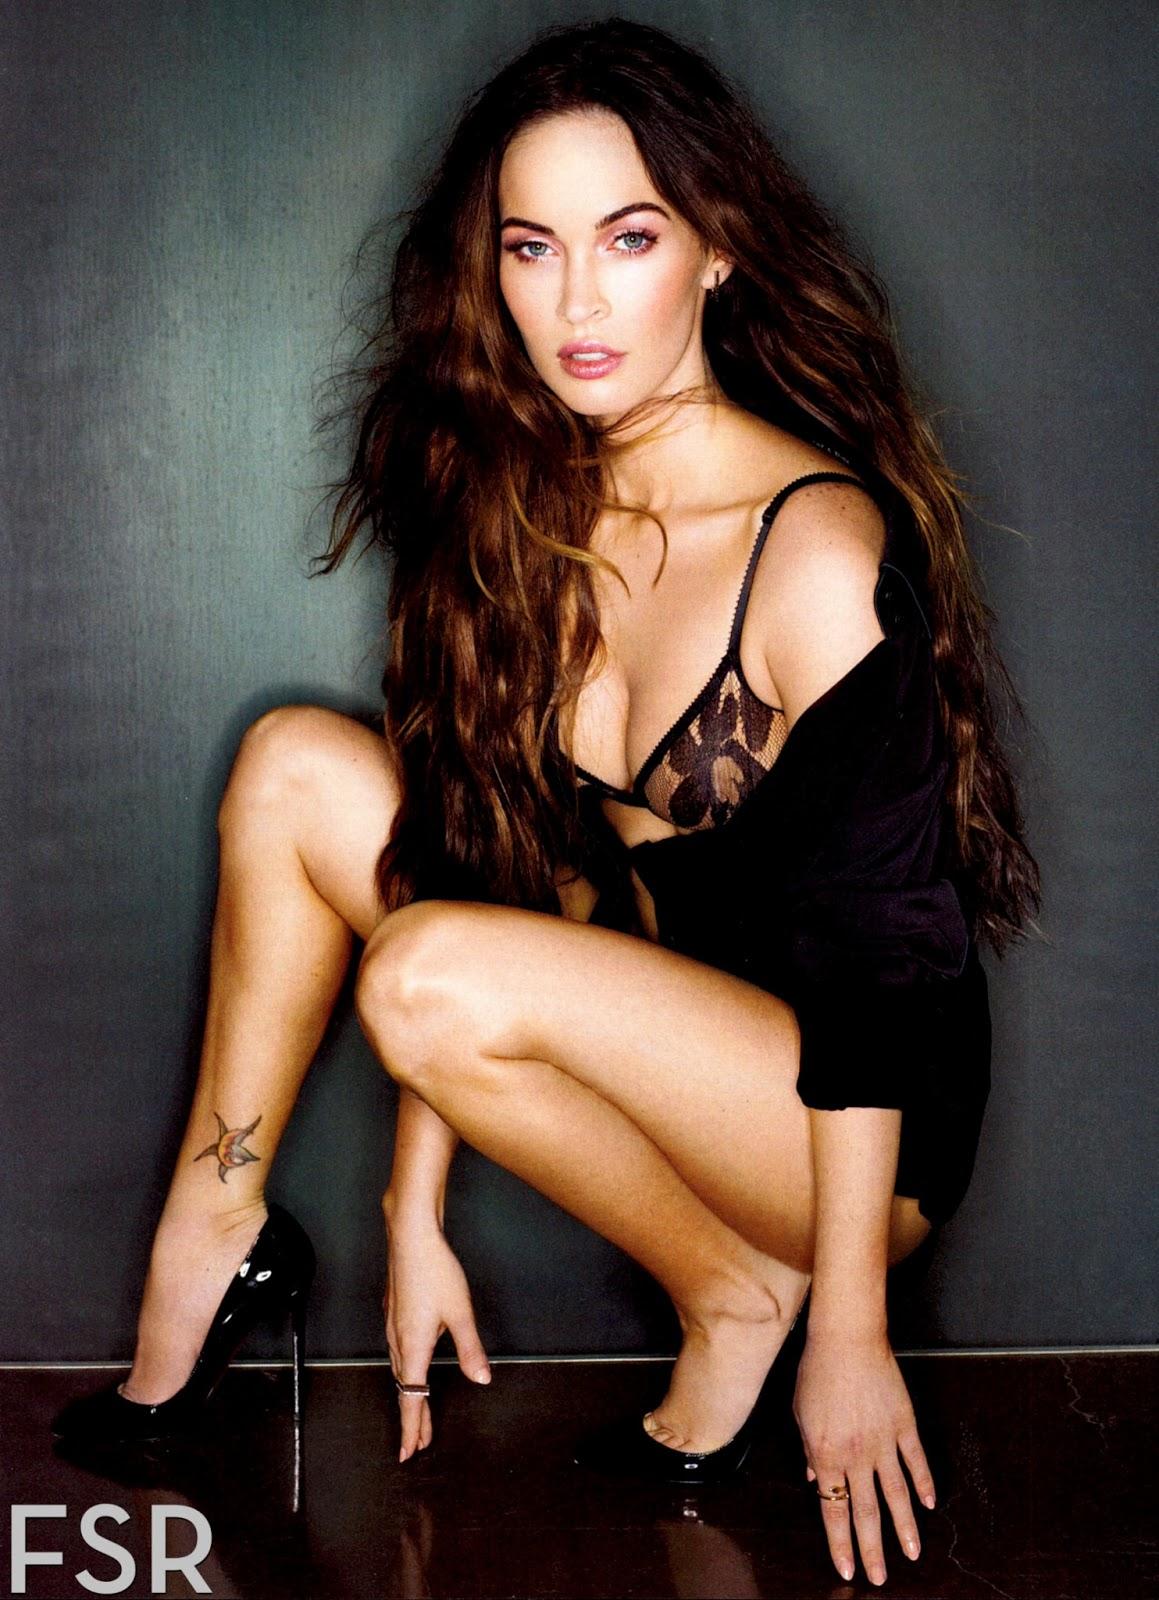 http://4.bp.blogspot.com/-FzXpkJDXXRo/UPeSu2tWk7I/AAAAAAAAQgg/IBcLy_Fmgsw/s1600/Megan-Fox-21.jpg